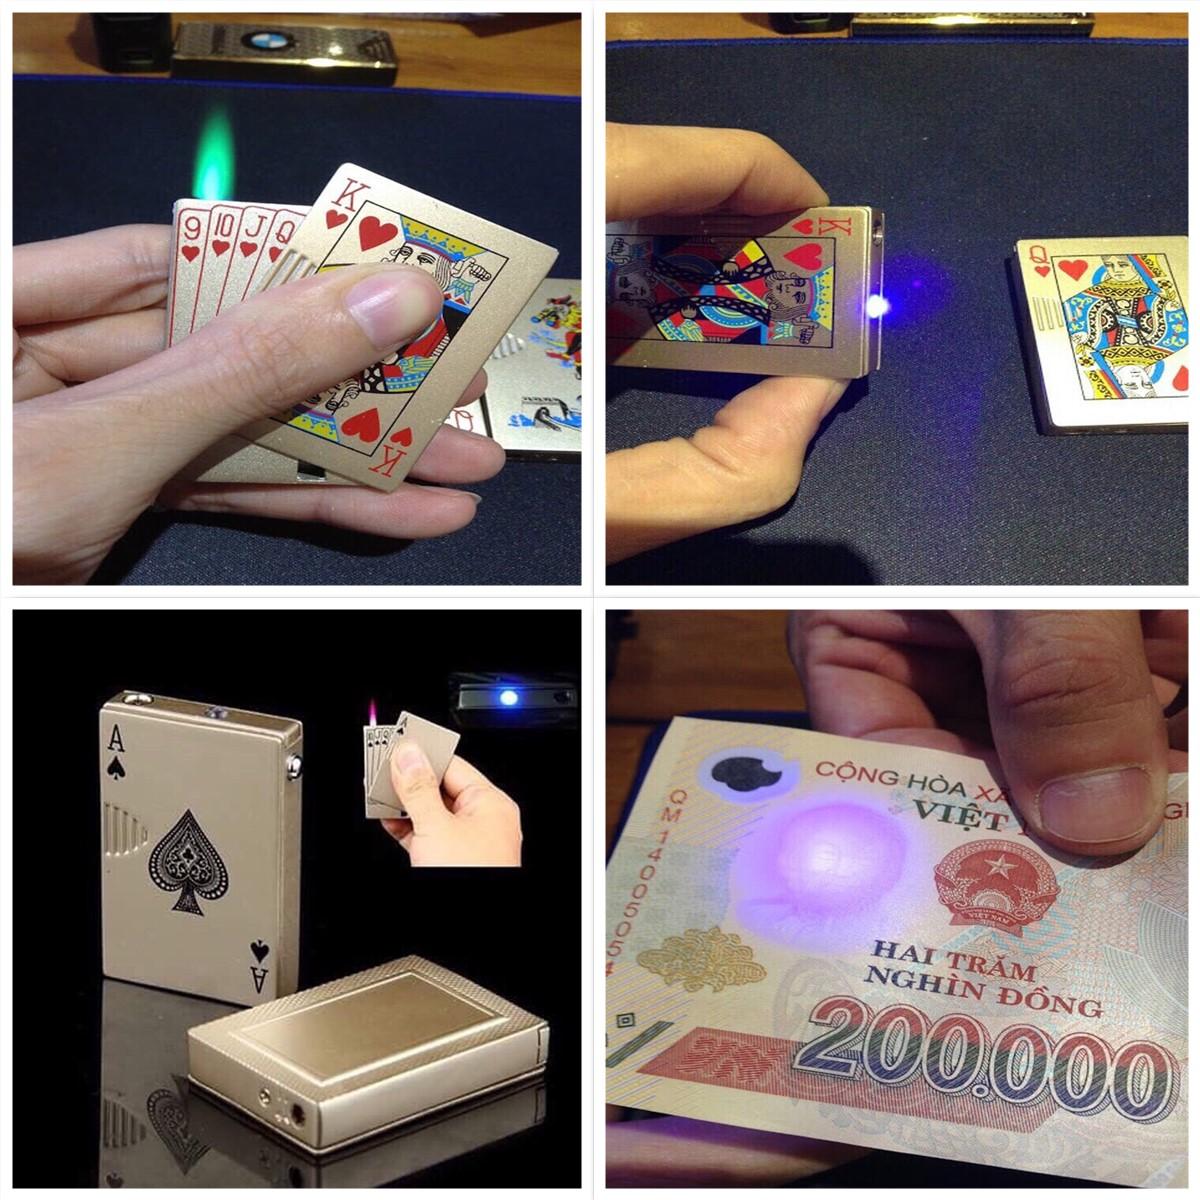 43k - Bật lửa lá bài có đèn soi tiển giả giá sỉ và lẻ rẻ nhất